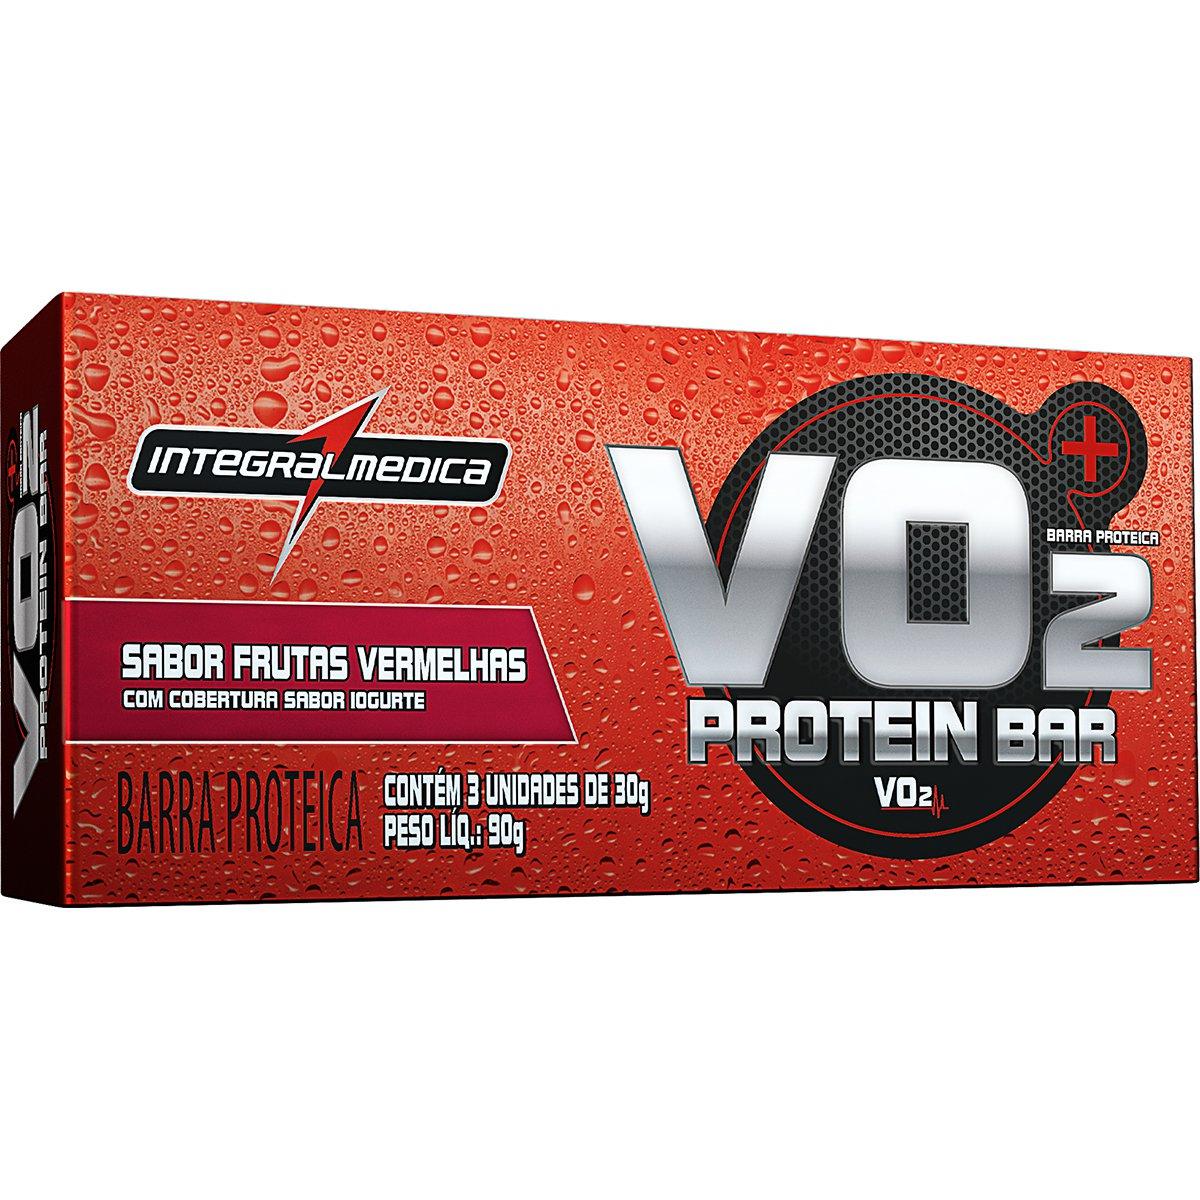 8bbaa1006 VO2 Protein Bar c  3 barras - IntegralMédica - Compre Agora